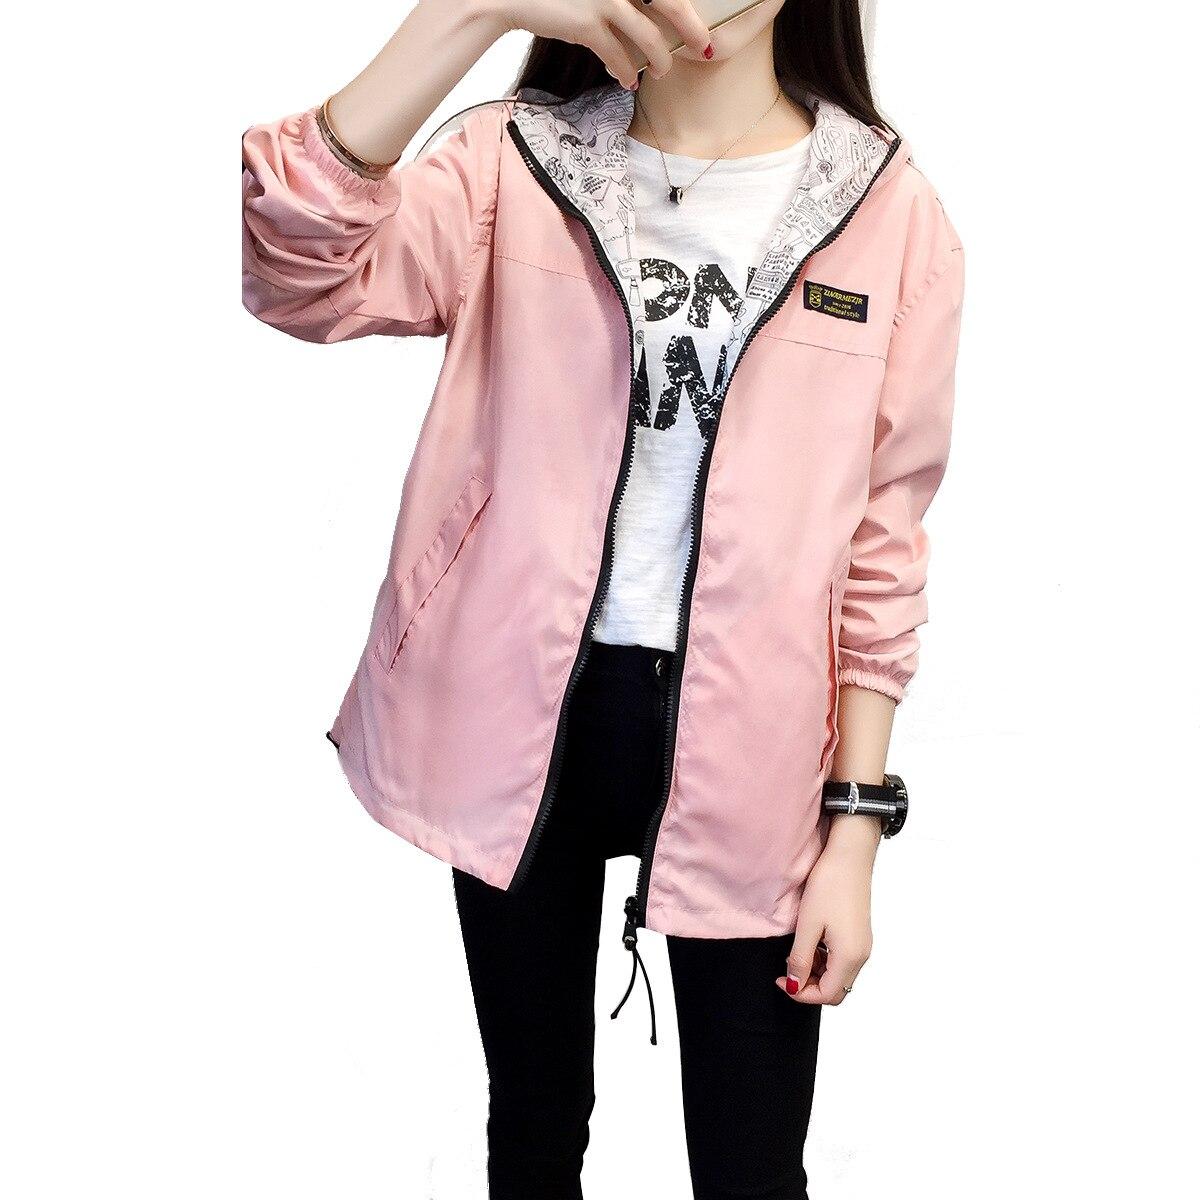 Danjeaner Spring Autumn 2018 Fashion Women Jacket Coat Pocket Zipper Hooded Two Side Wear Cartoon Print Outwear Loose Plus Size